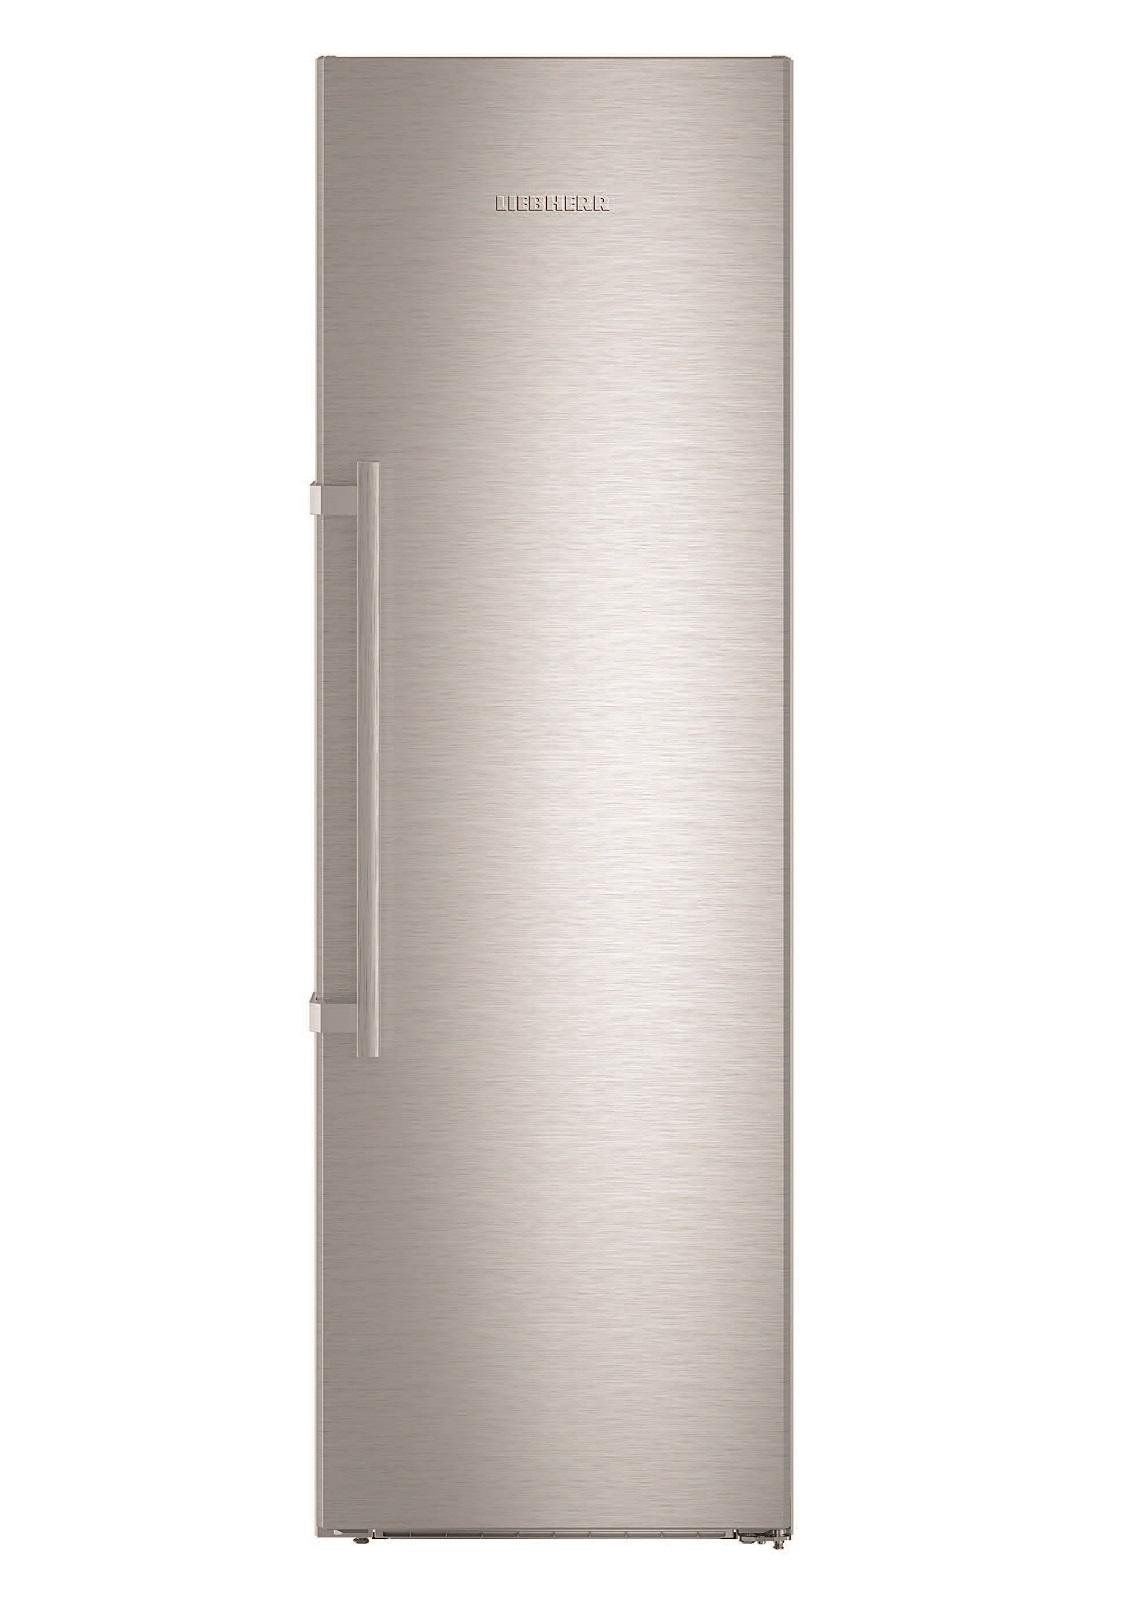 купить Однокамерный холодильник Liebherr Kef 4370 Украина фото 5